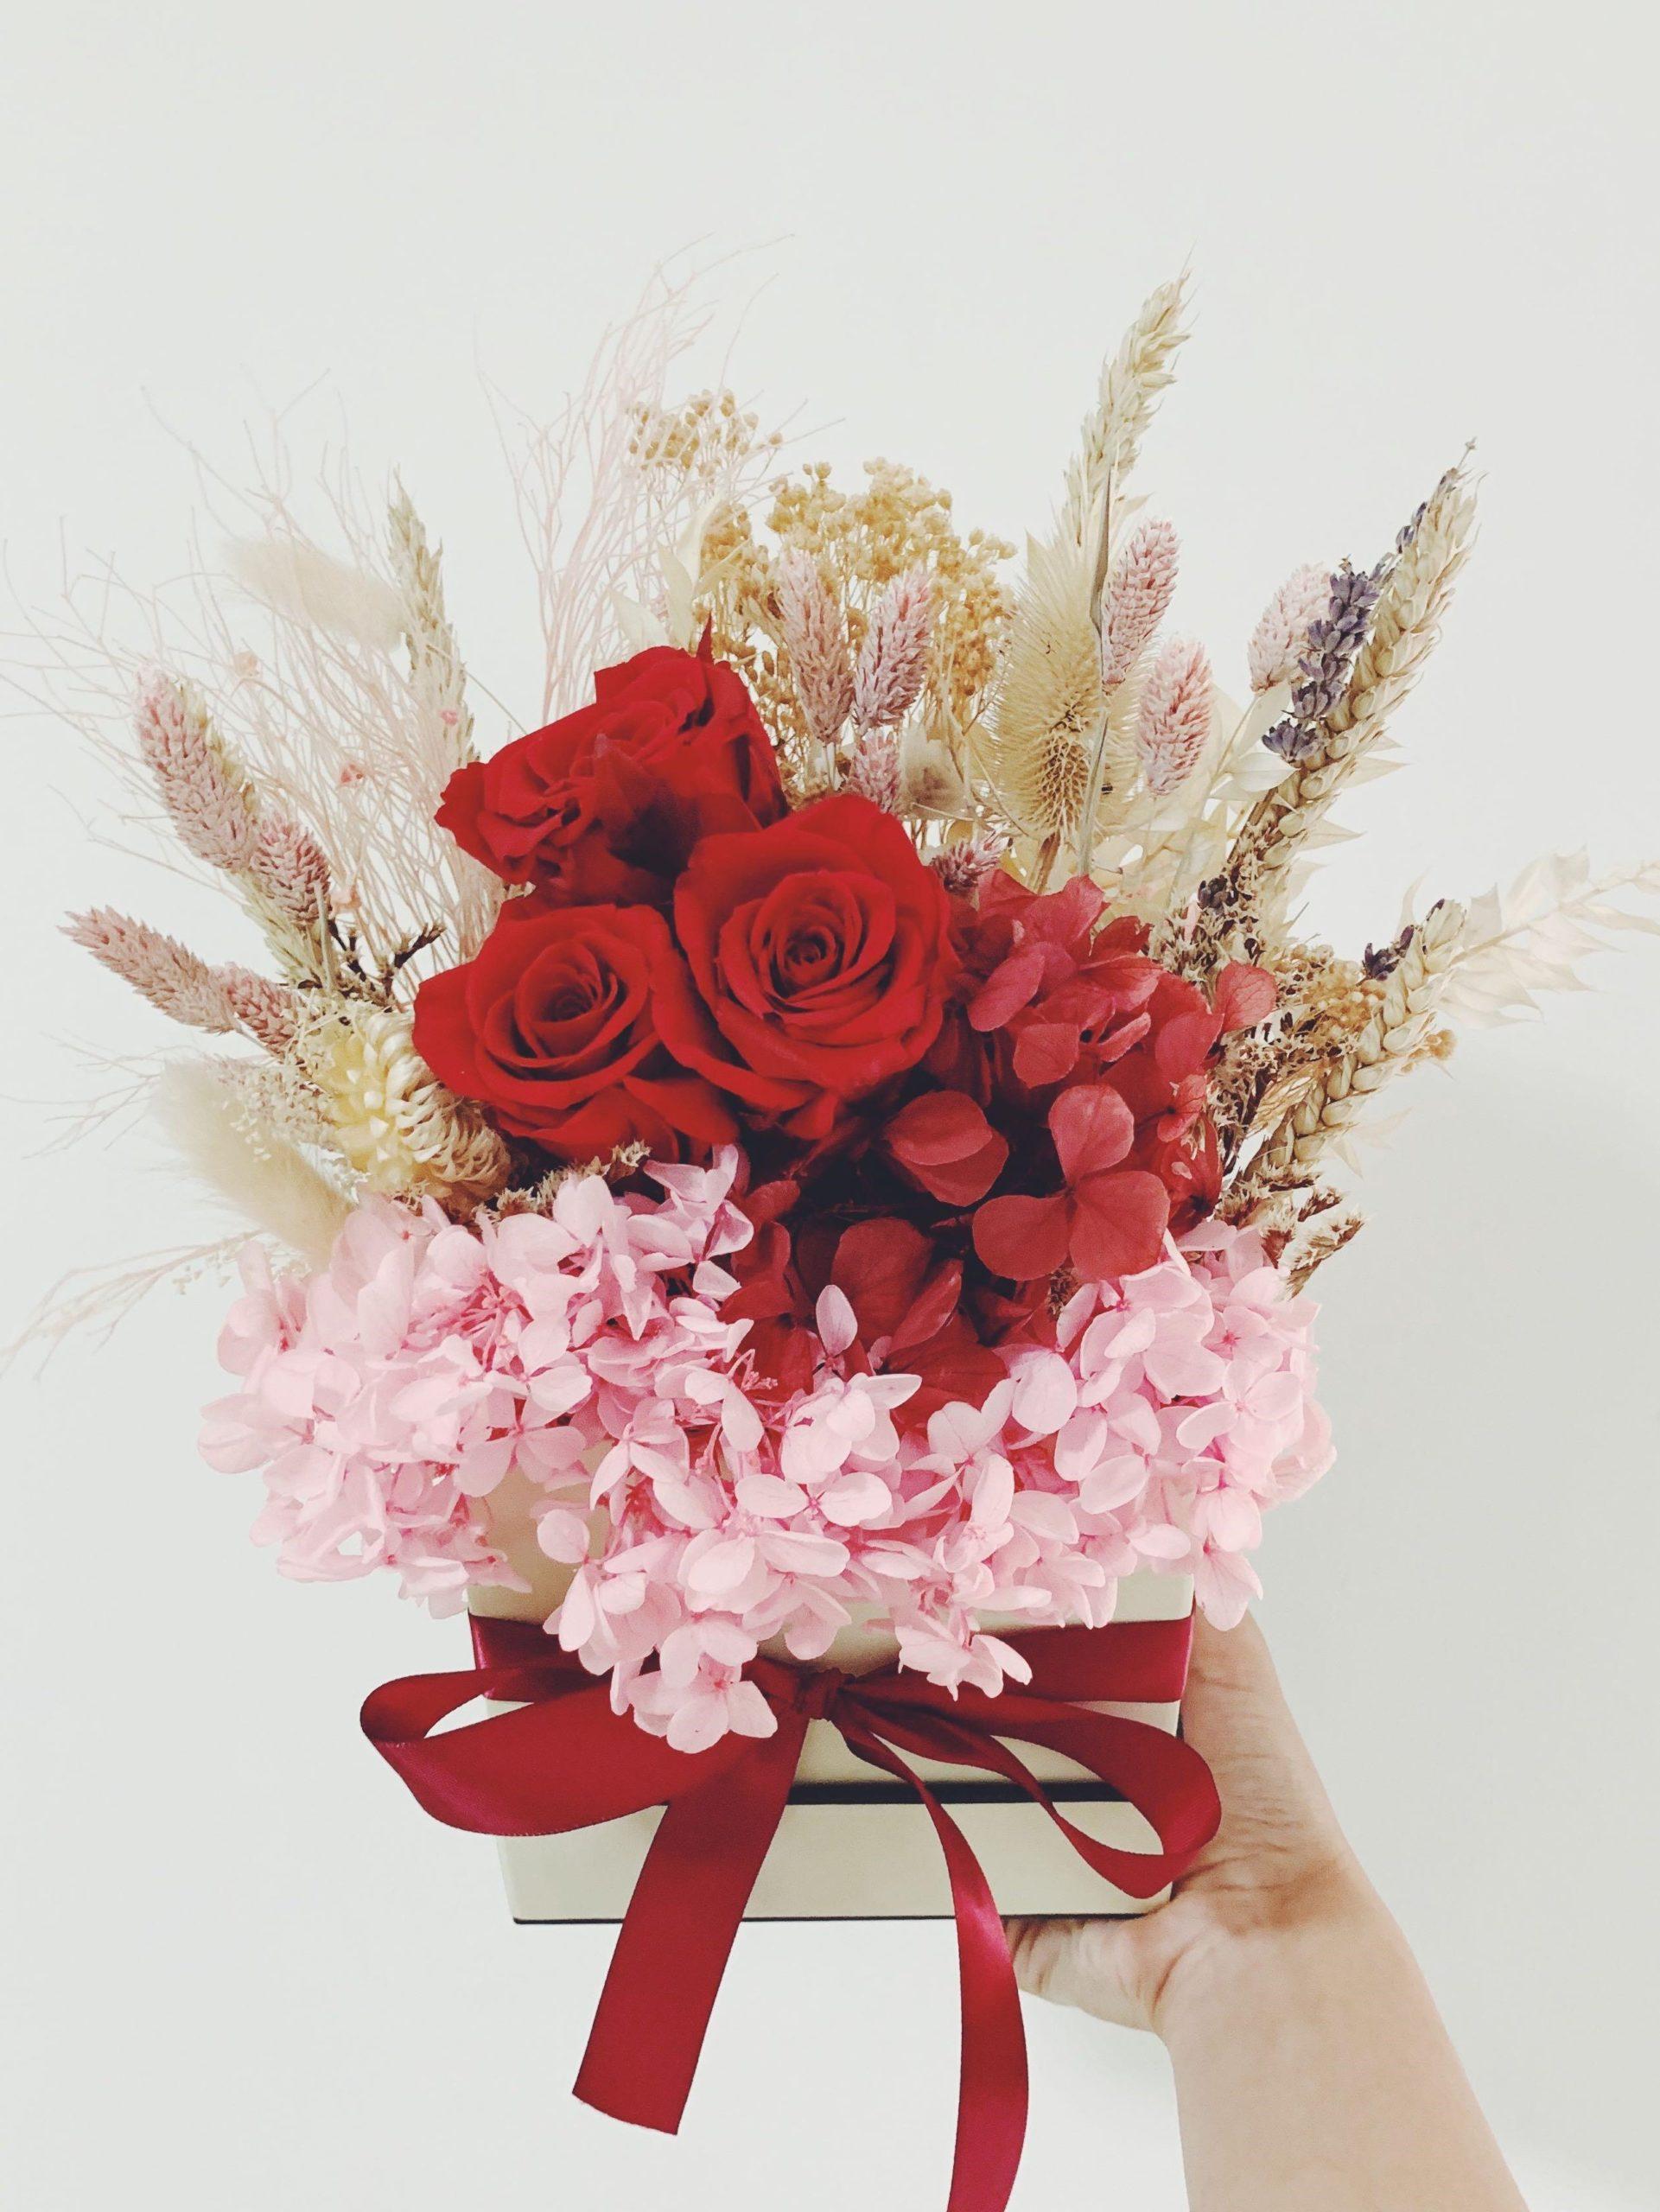 Élégante boîte de fleurs.